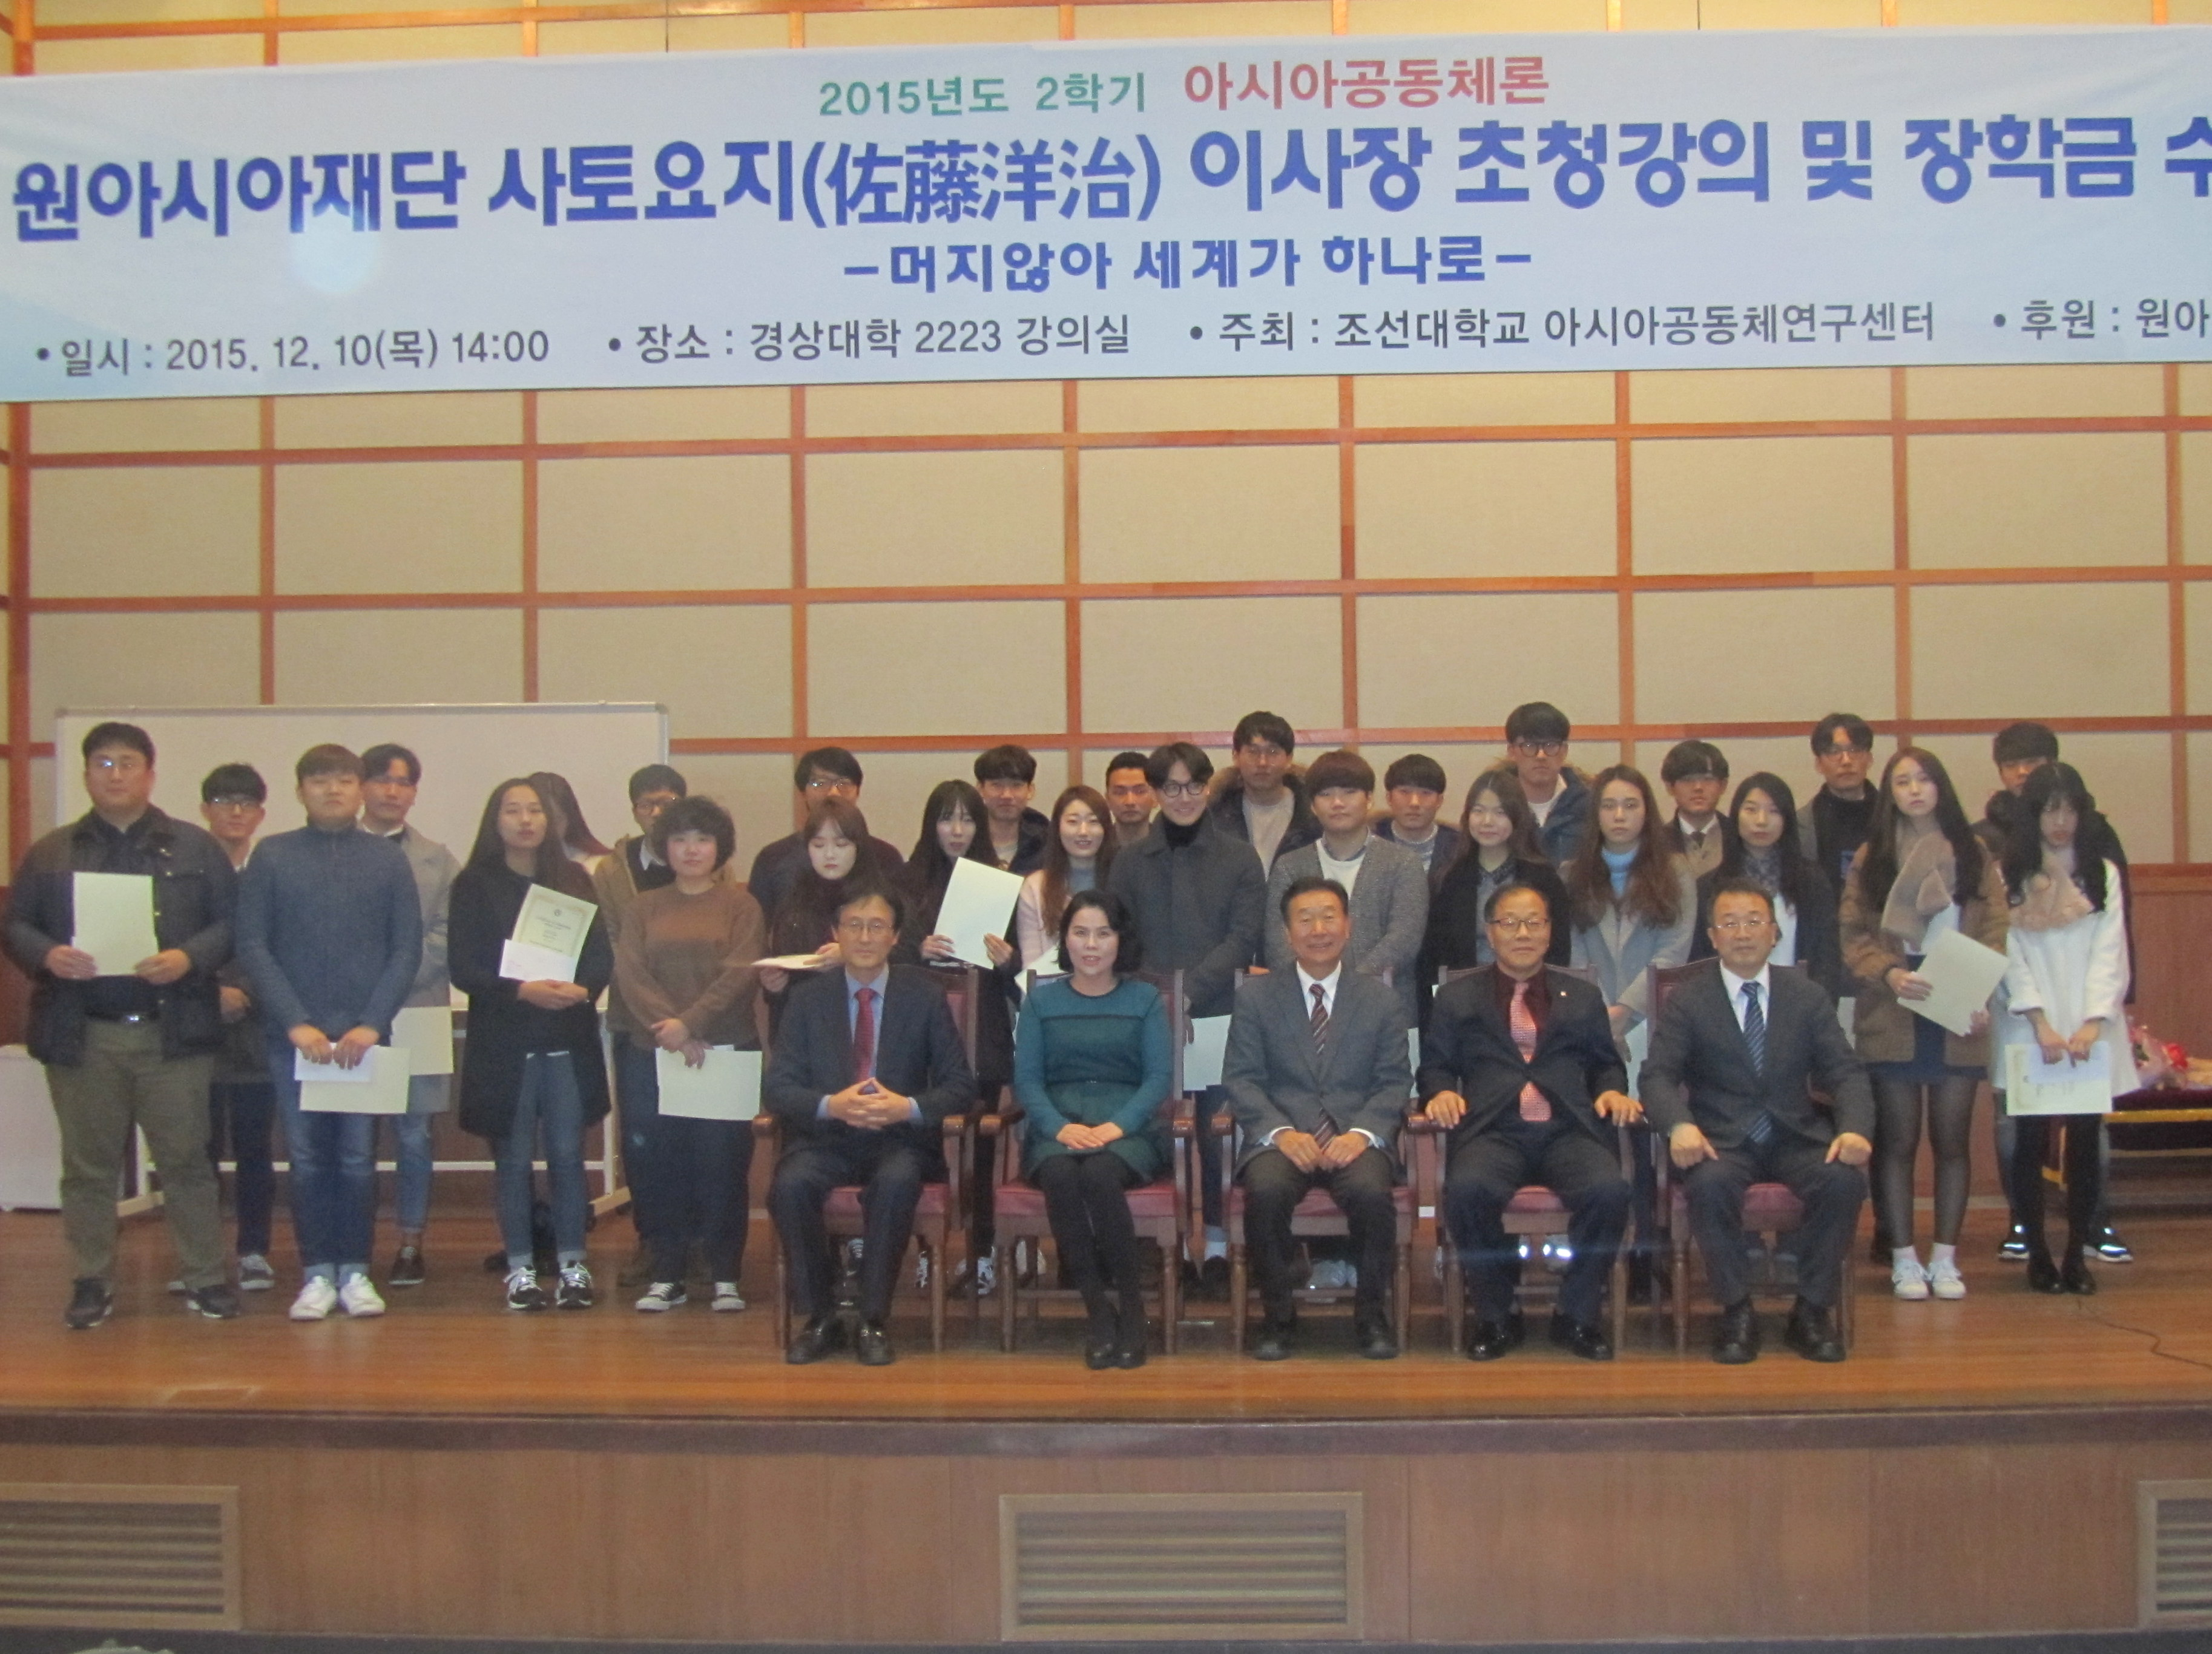 20151210_朝鮮大学